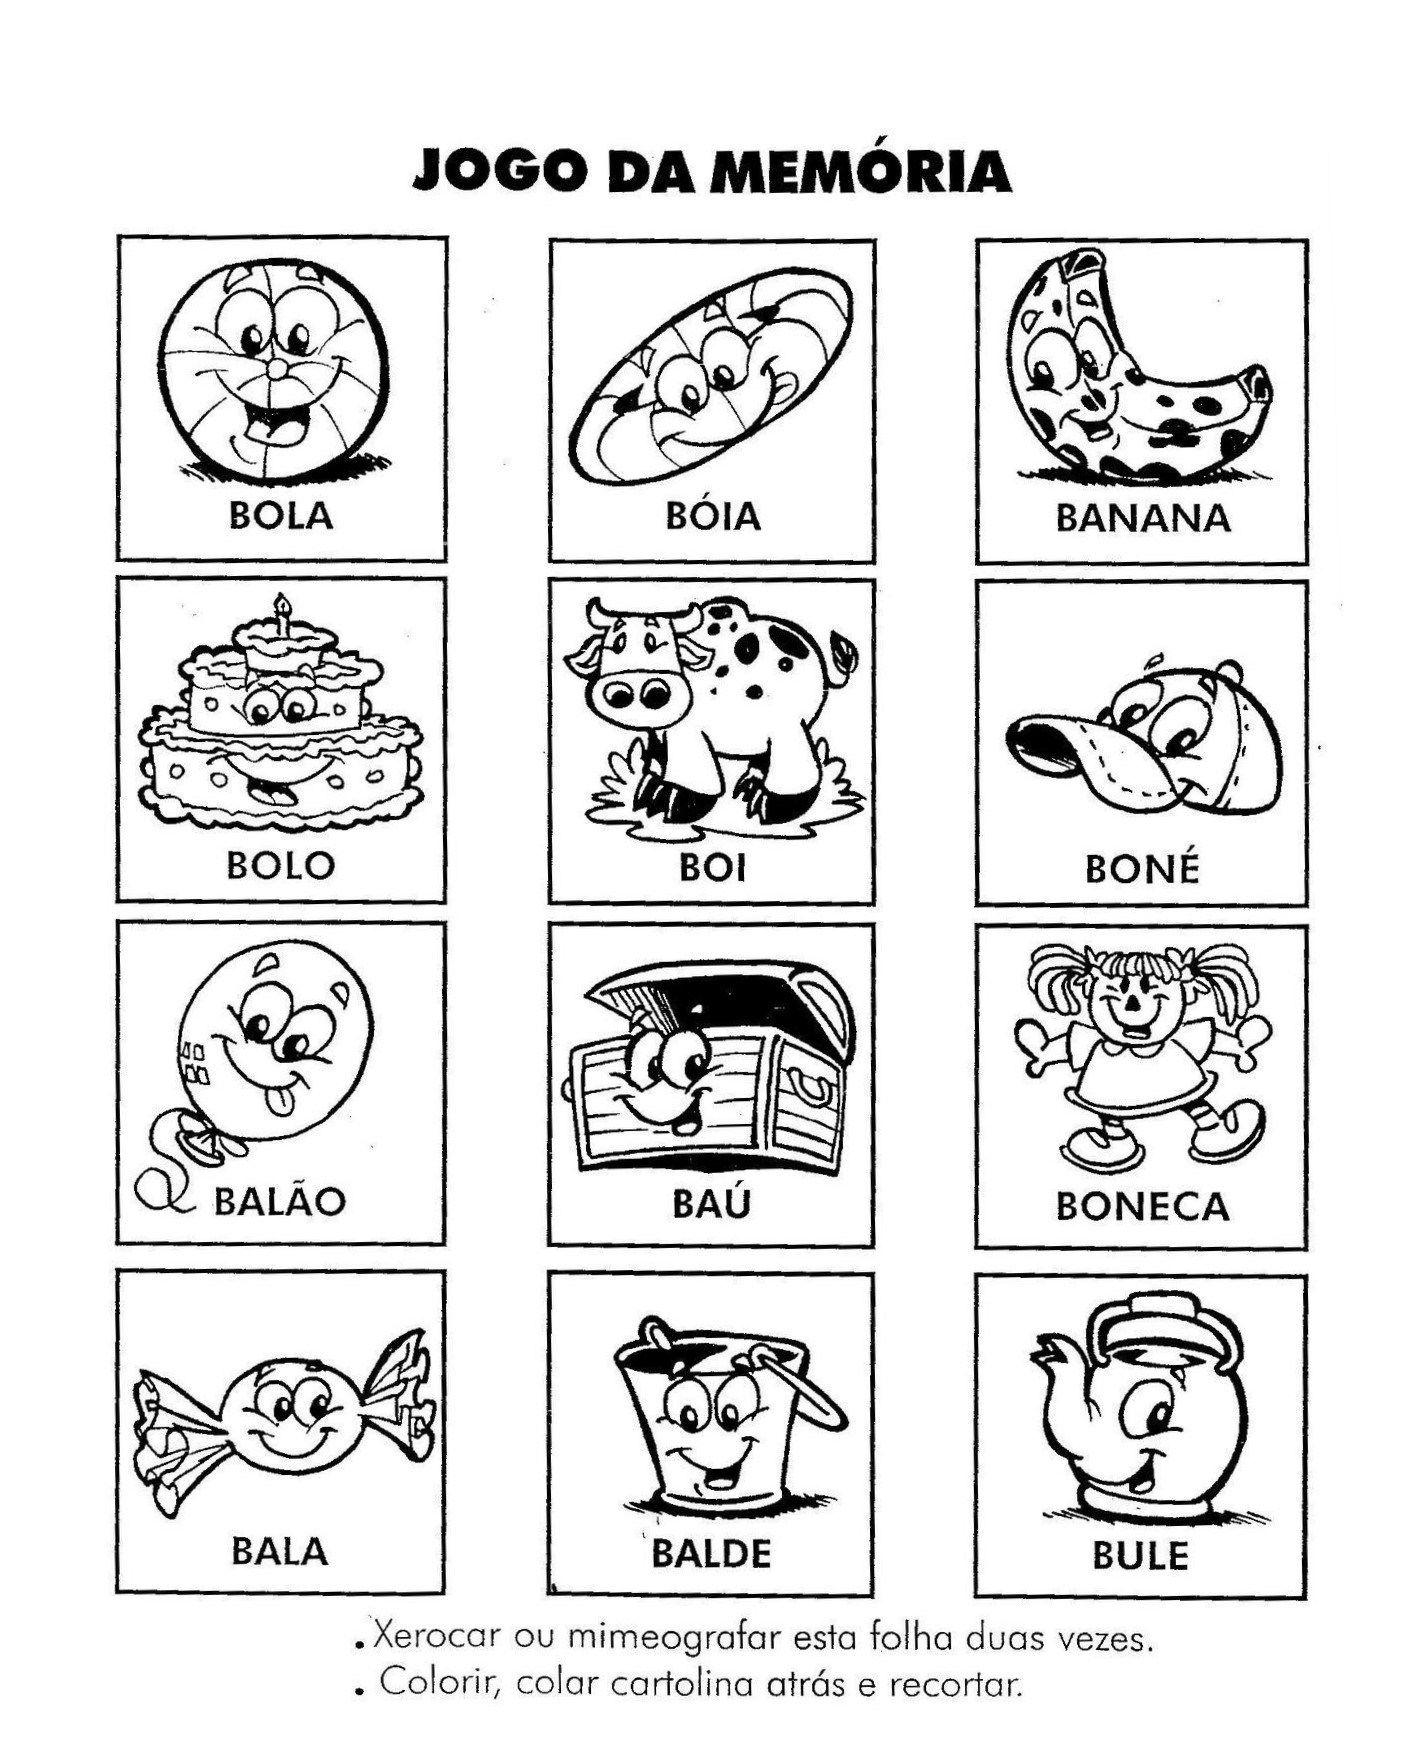 40 Jogos Da Memoria Para Imprimir Educacao Infantil E Maternal Online Cursos Gratuitos Educacao Infantil Letra B Atividades